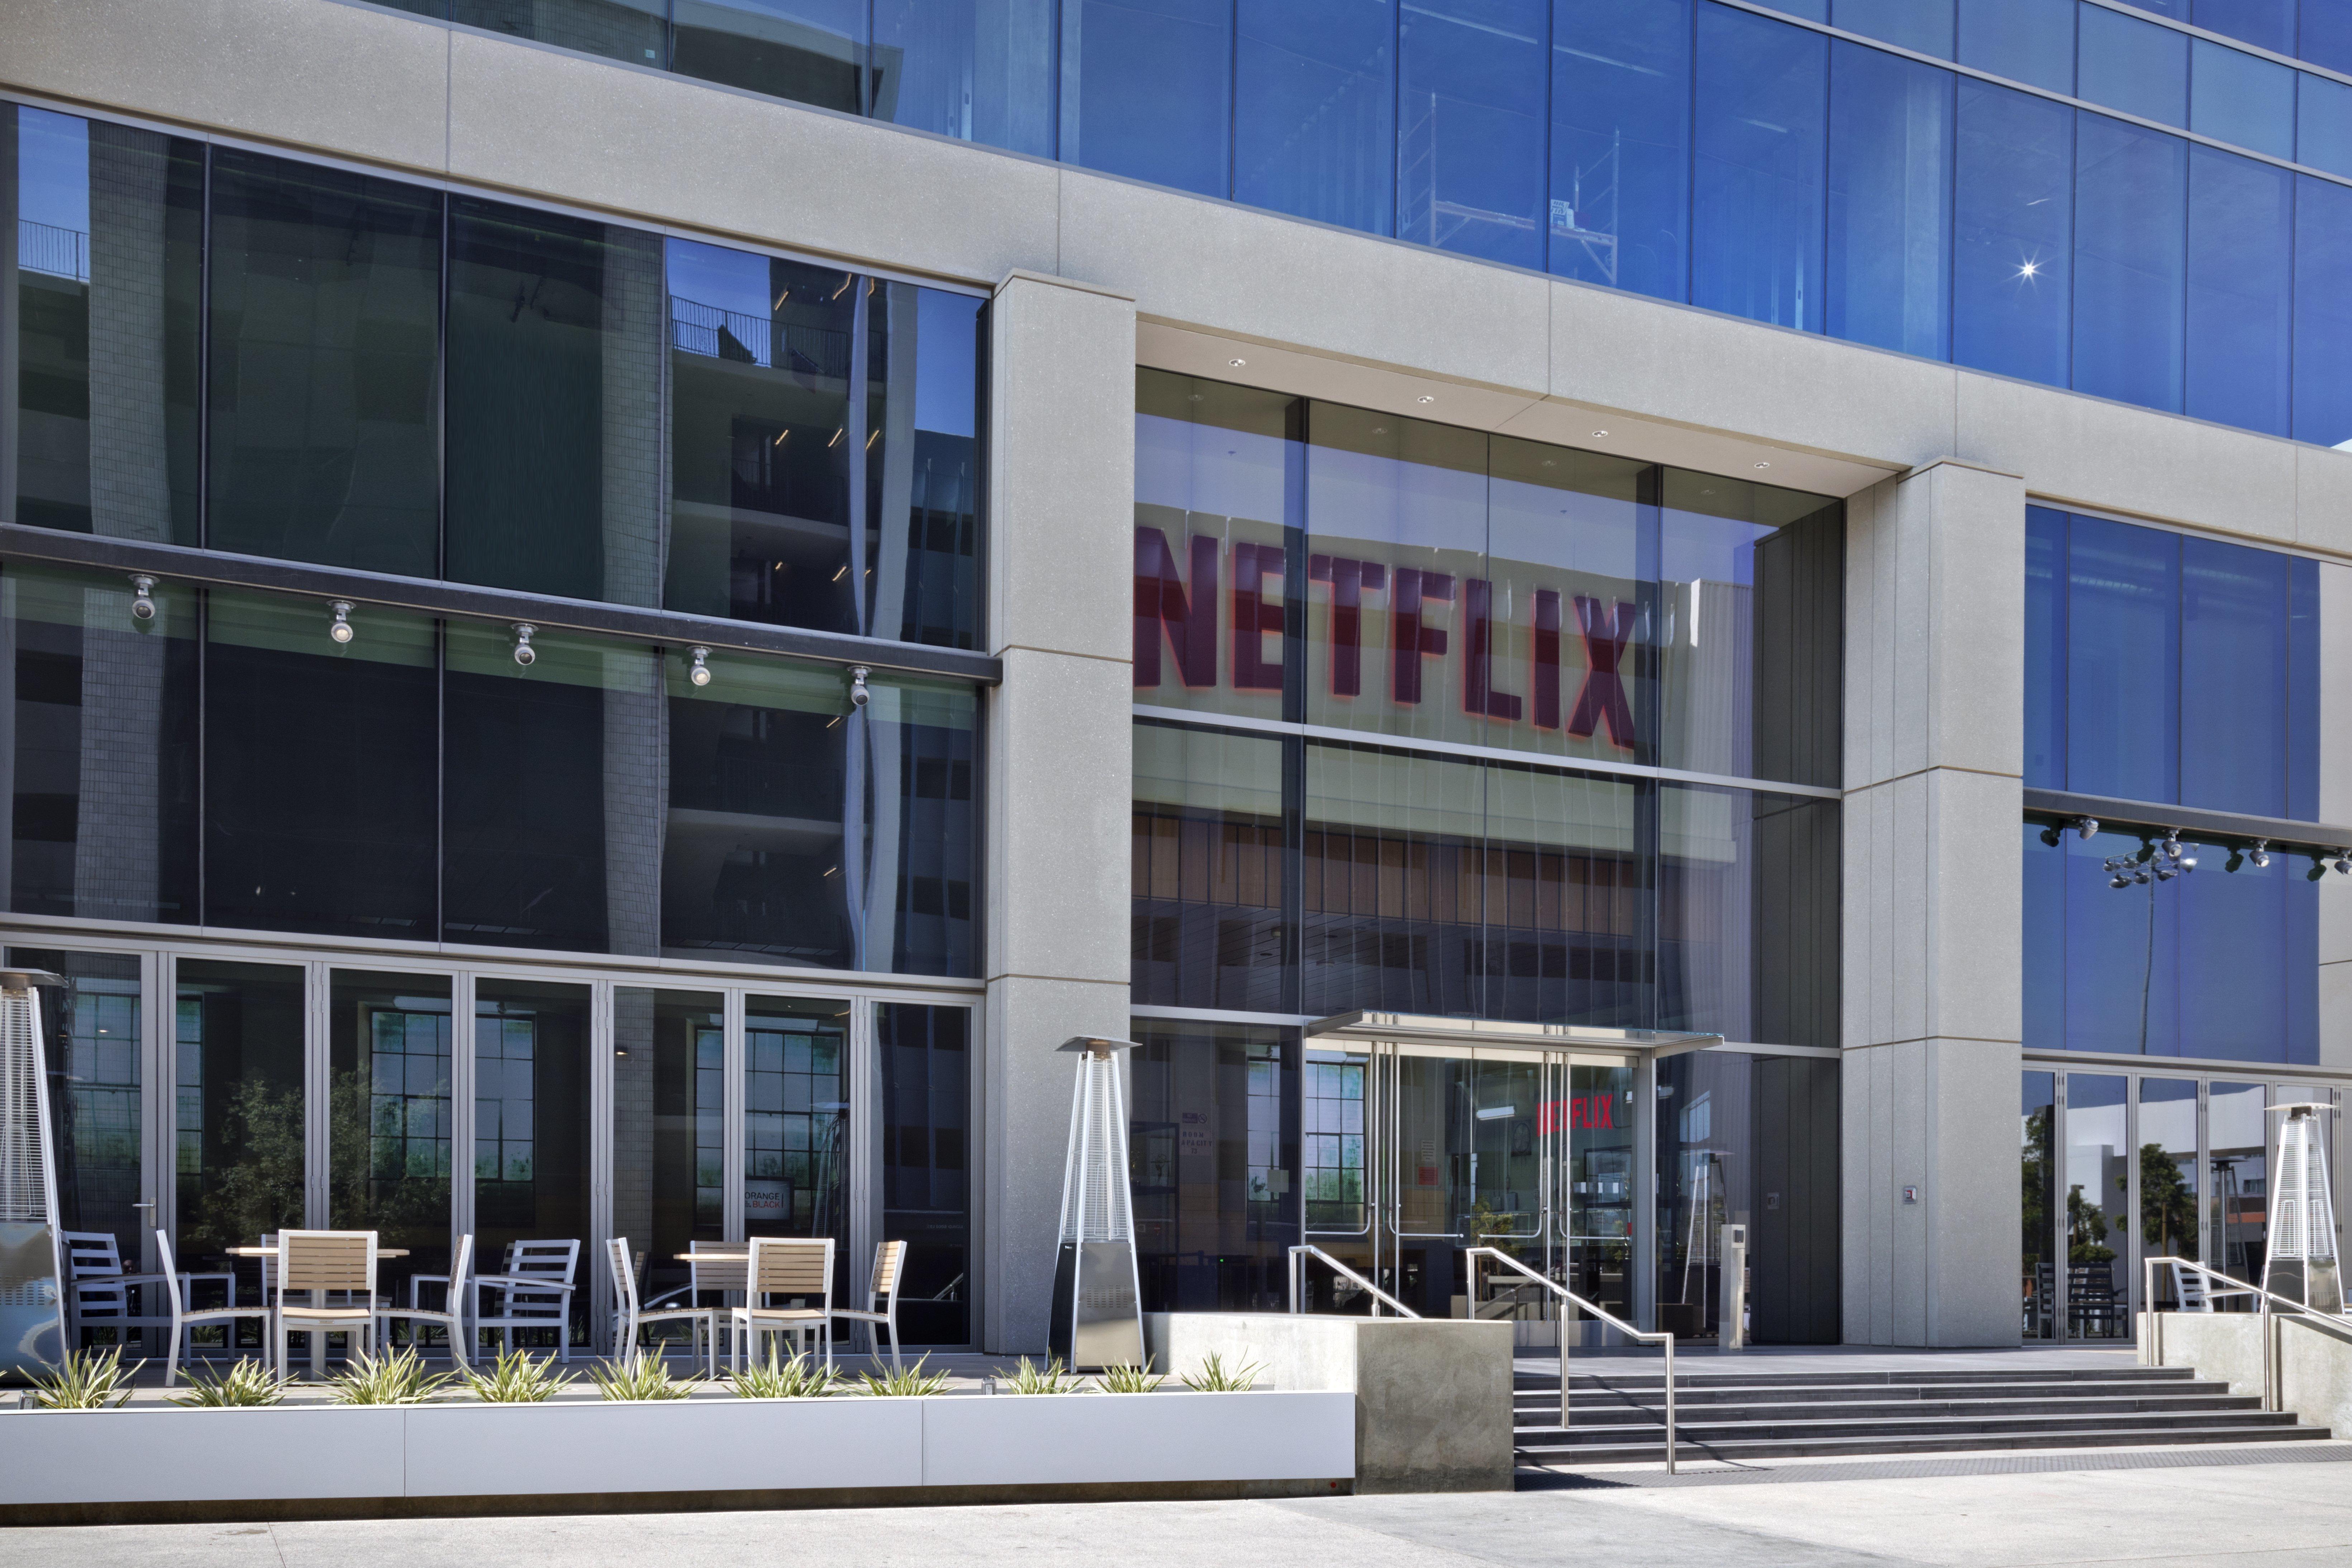 Netflix Campus - Netflix